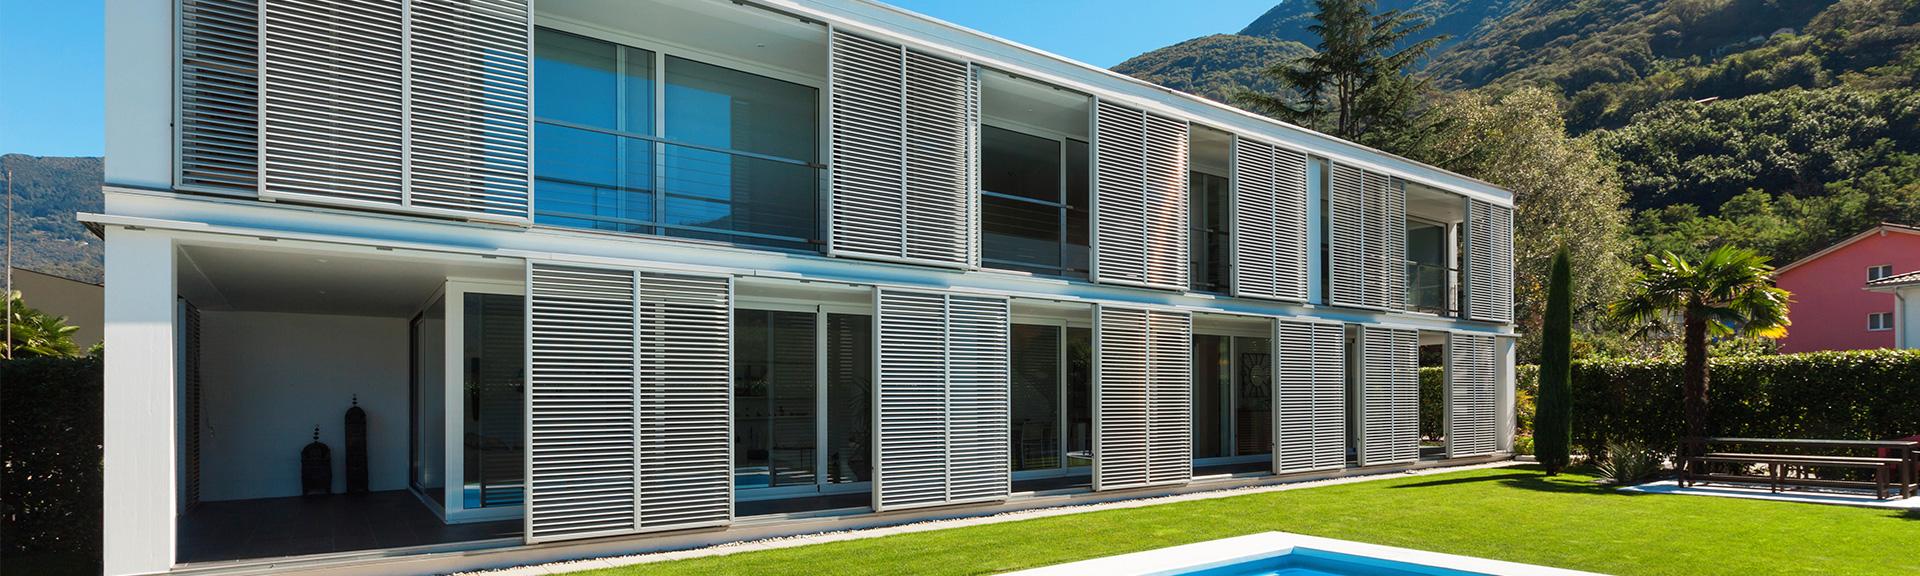 Weltnorm - Premium kakovostna okna in vrata